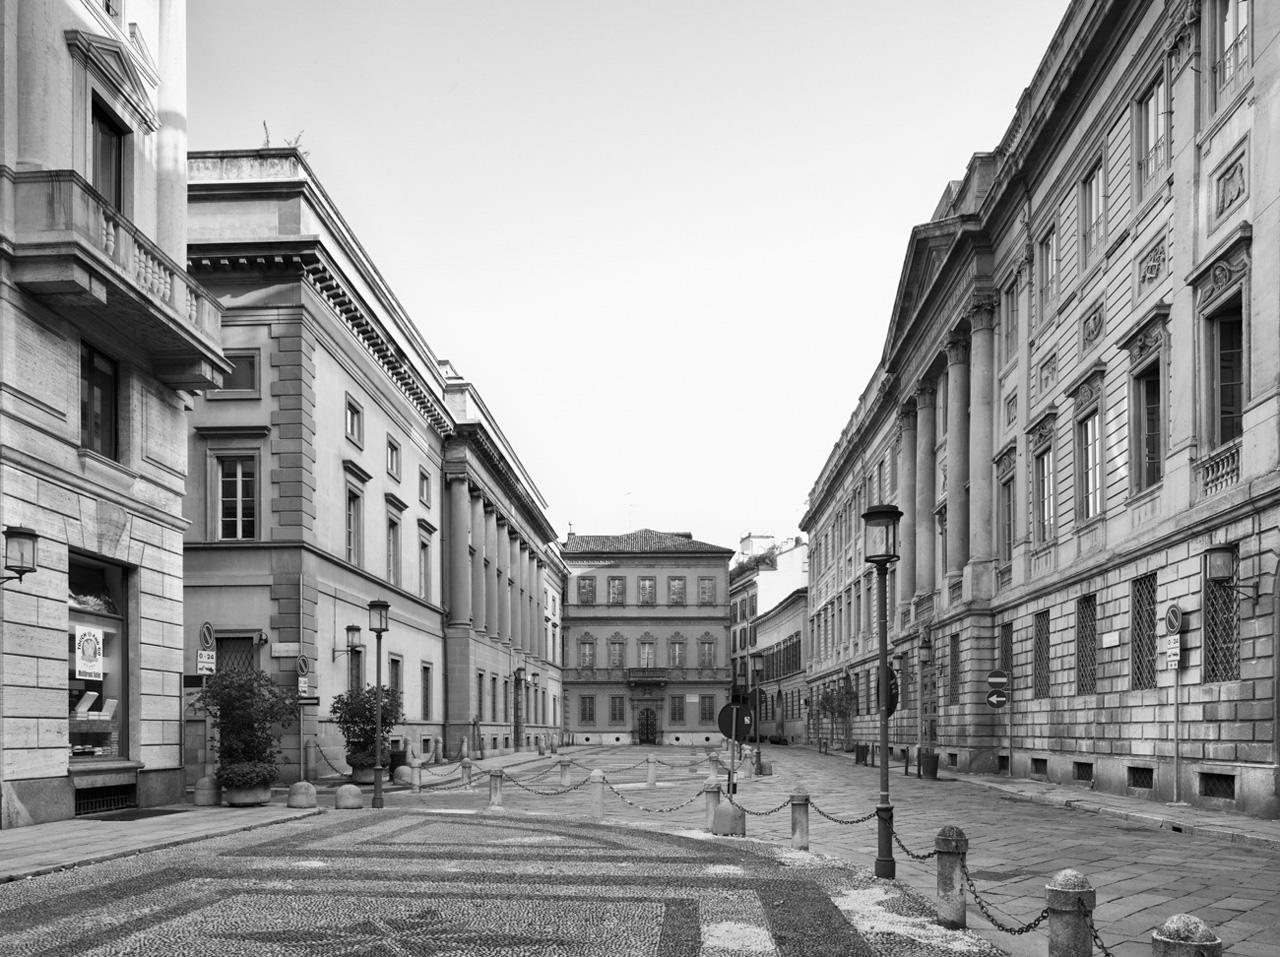 La settecentesca piazza Belgioioso con i palazzi nobiliari che vi si affacciano (foto gentilmente concessa da Marco Introini)